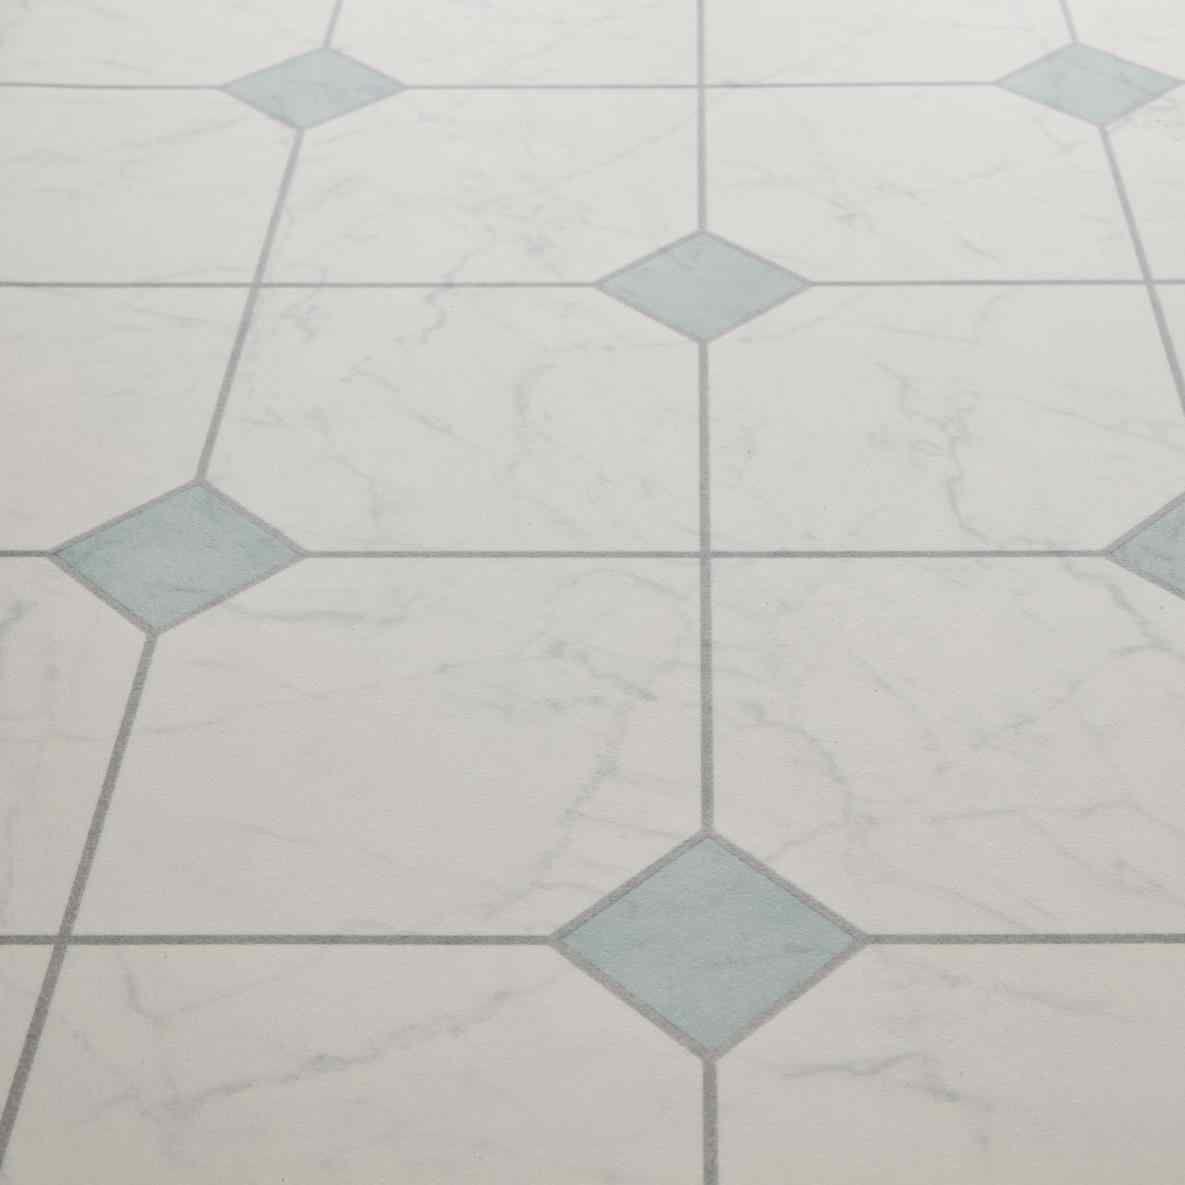 New White Linoleum Tiles At Xxbb821